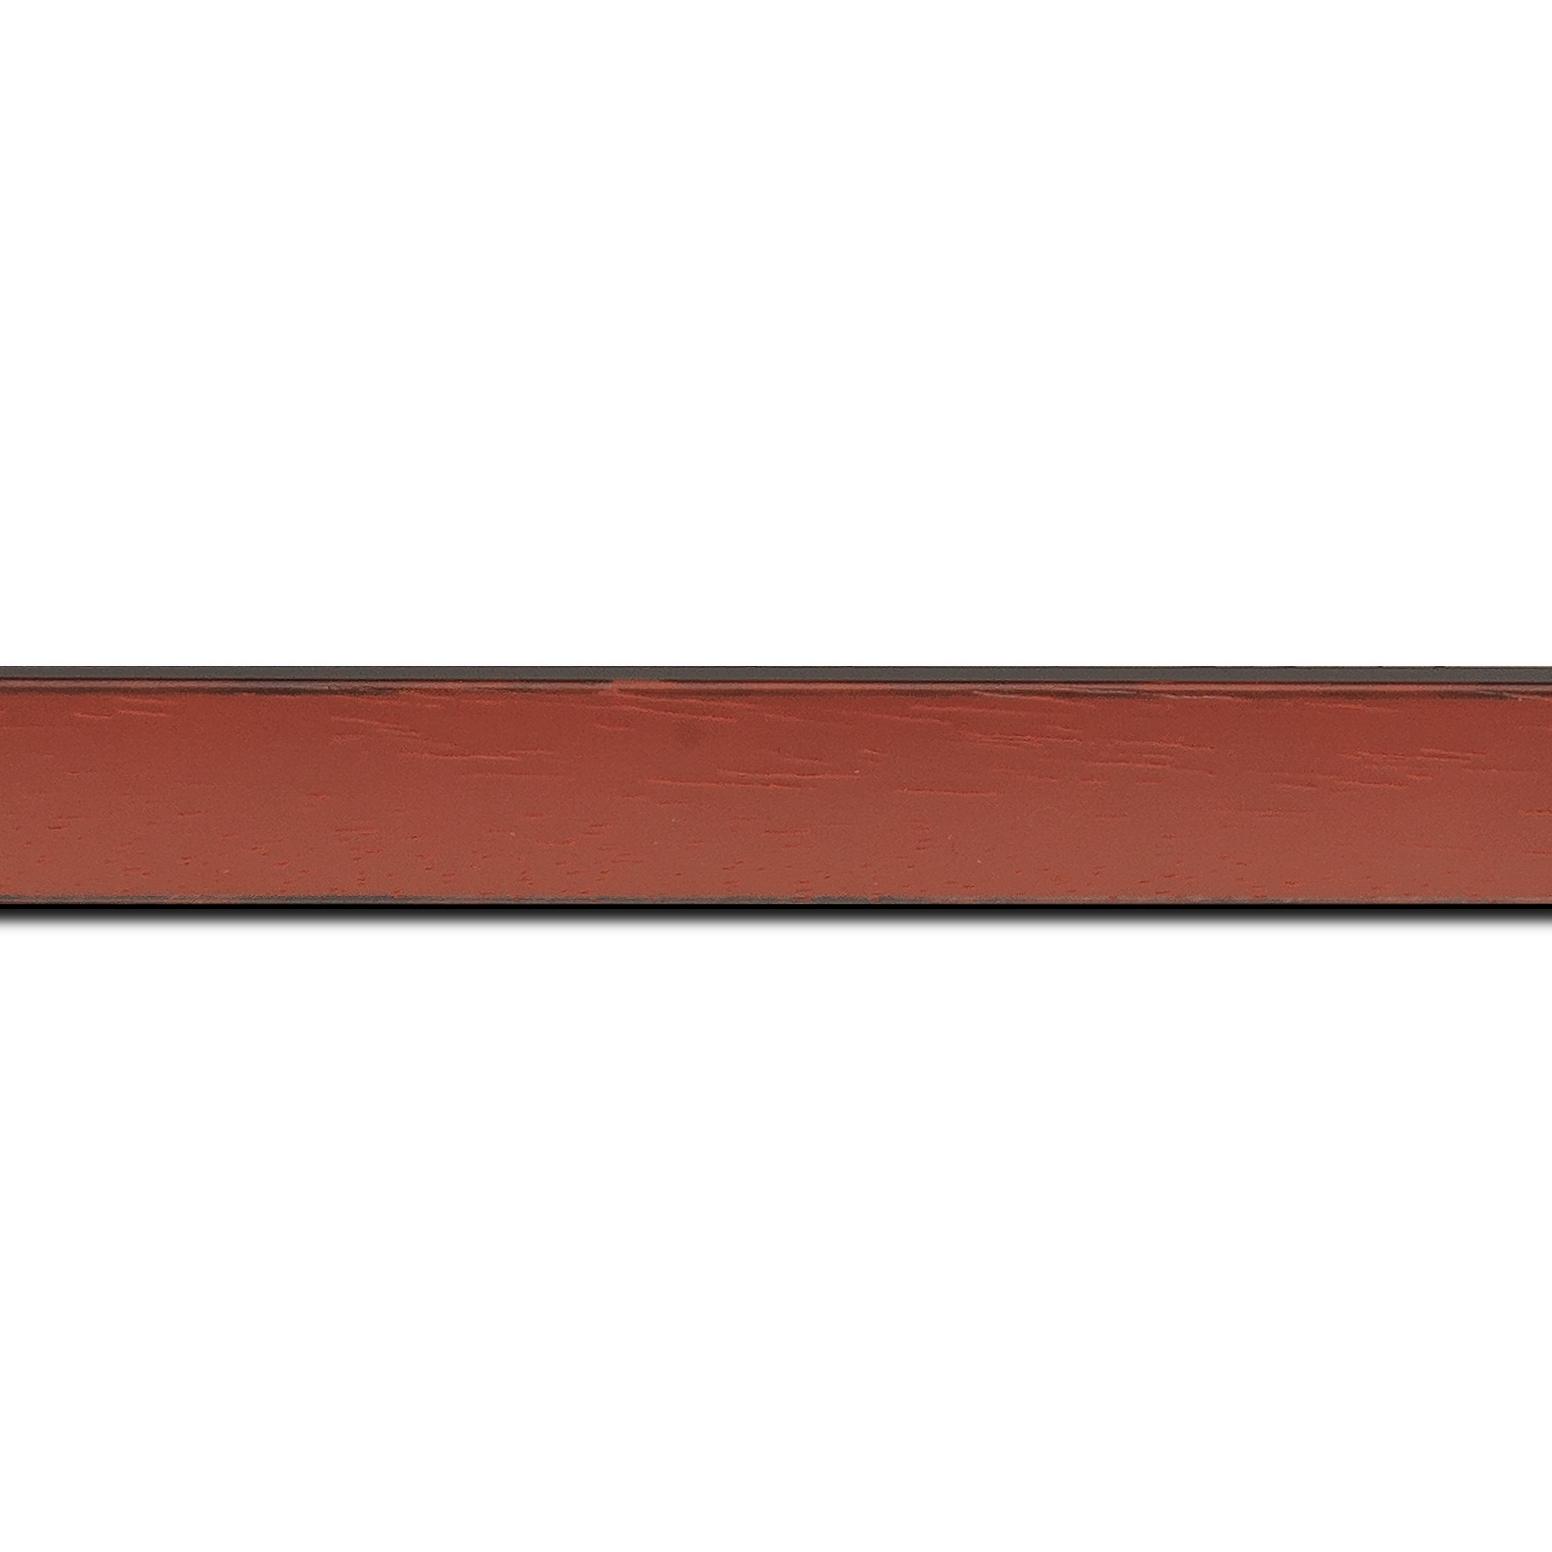 Baguette longueur 1.40m bois profil concave largeur 2.4cm couleur bordeaux  satiné  arêtes essuyés noircies de chaque coté